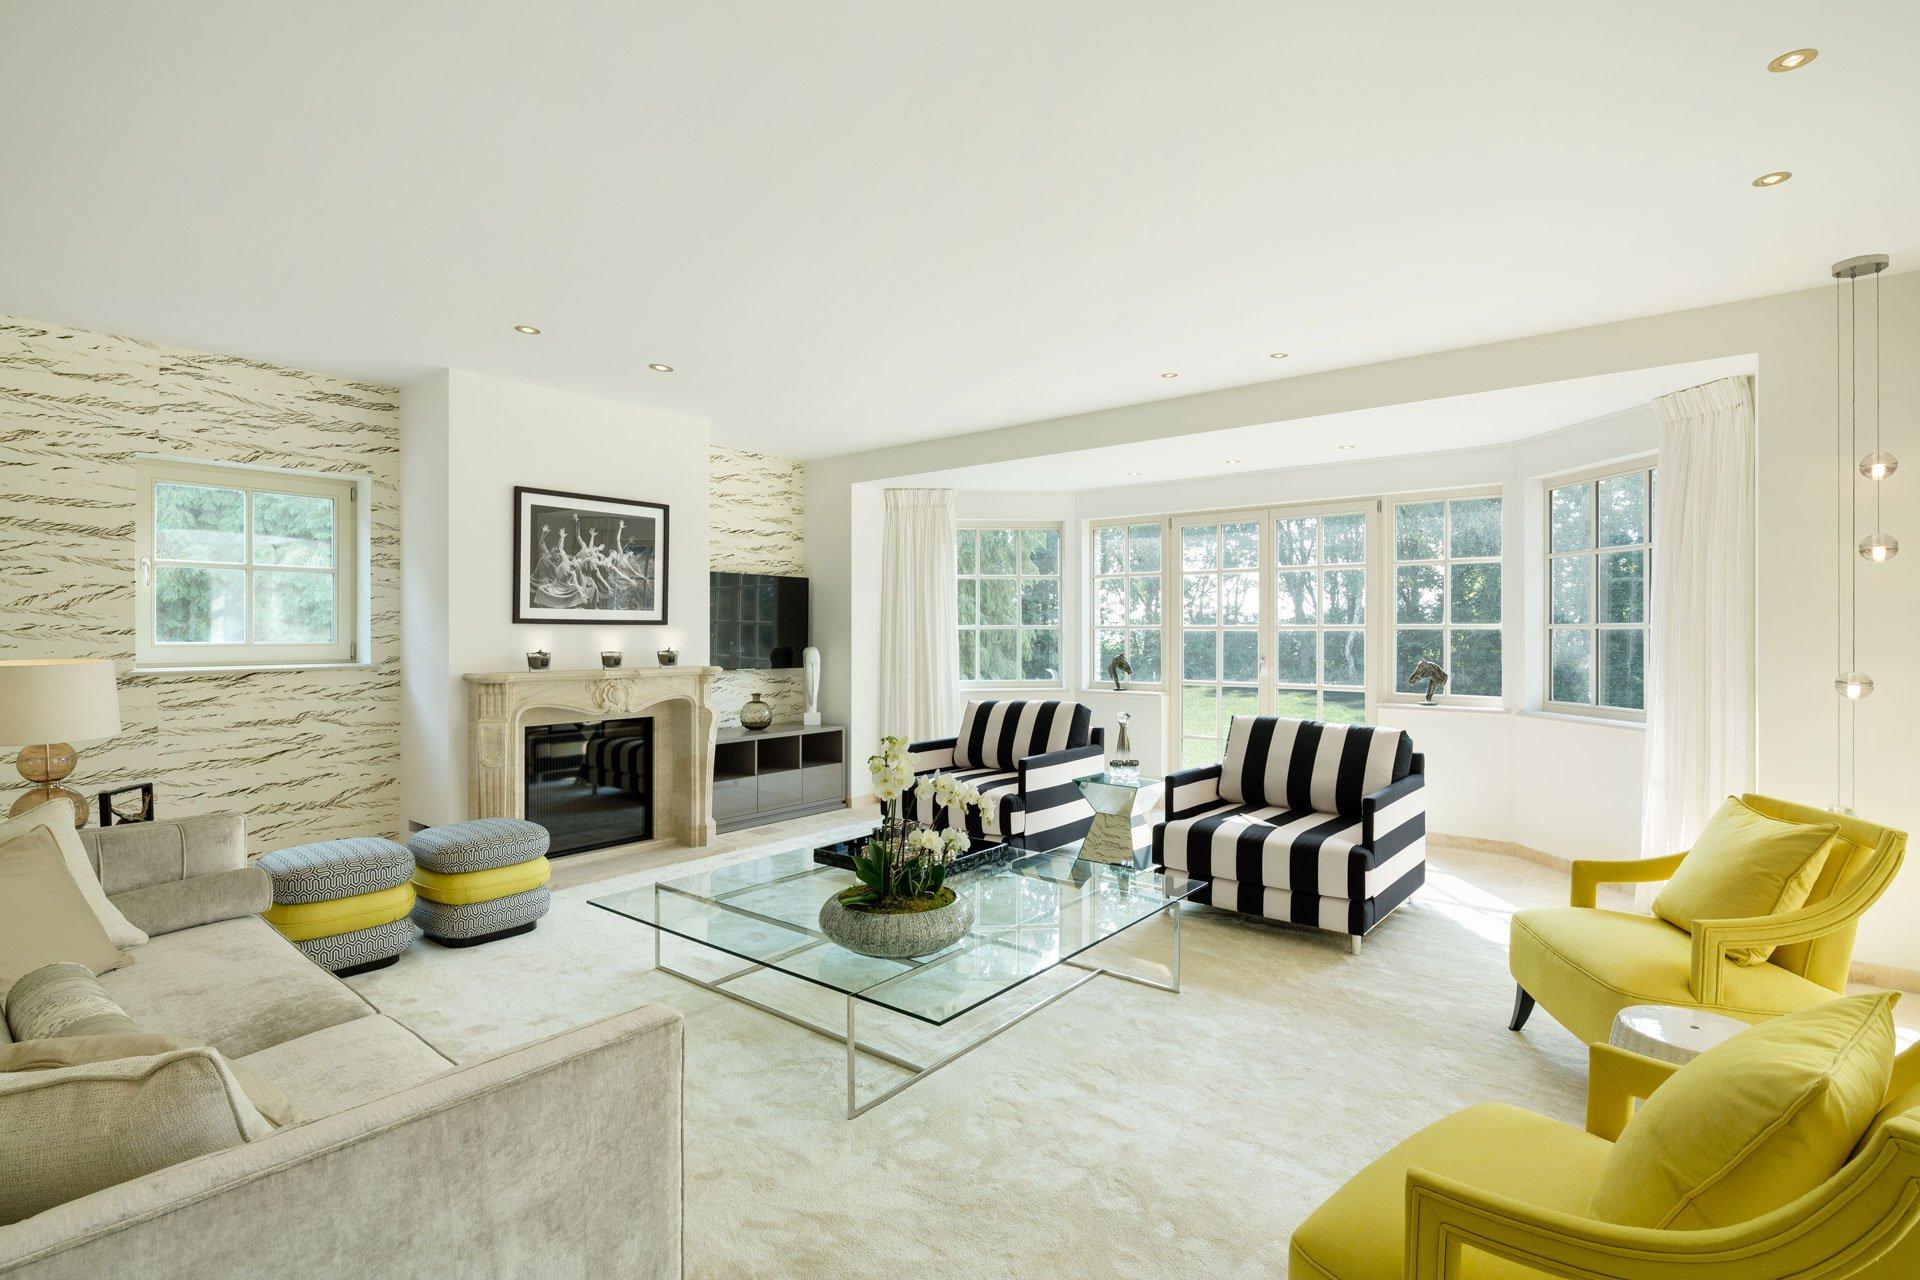 belgium-interior-design-lounge-02